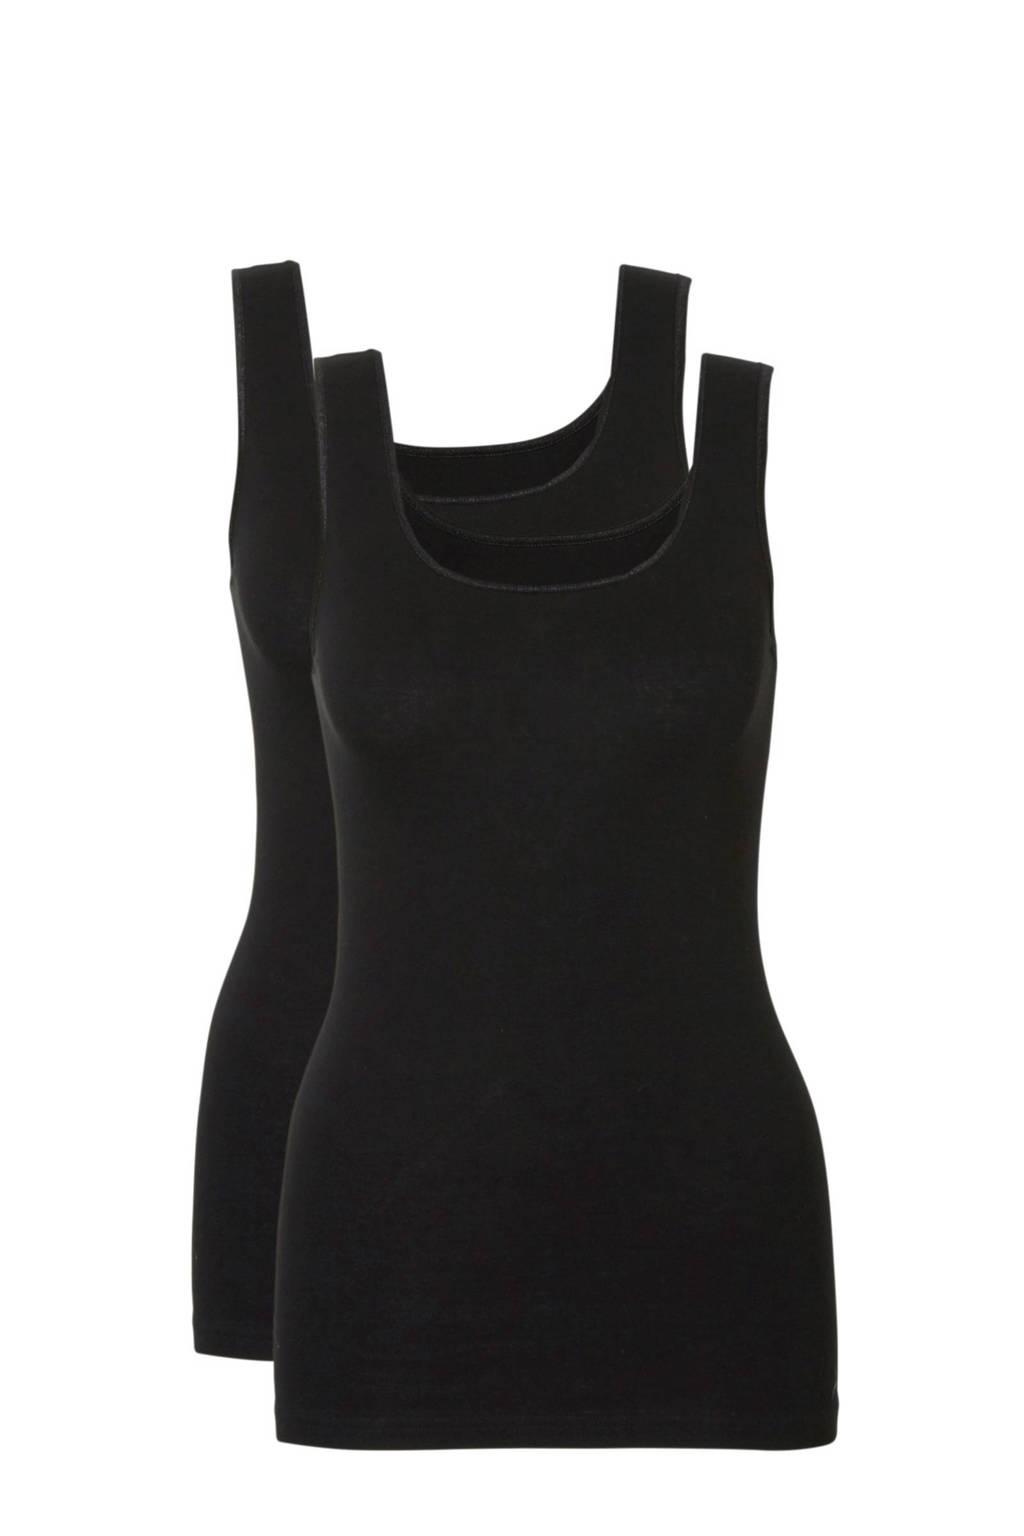 ten Cate hemd (set van 2) zwart, Zwart